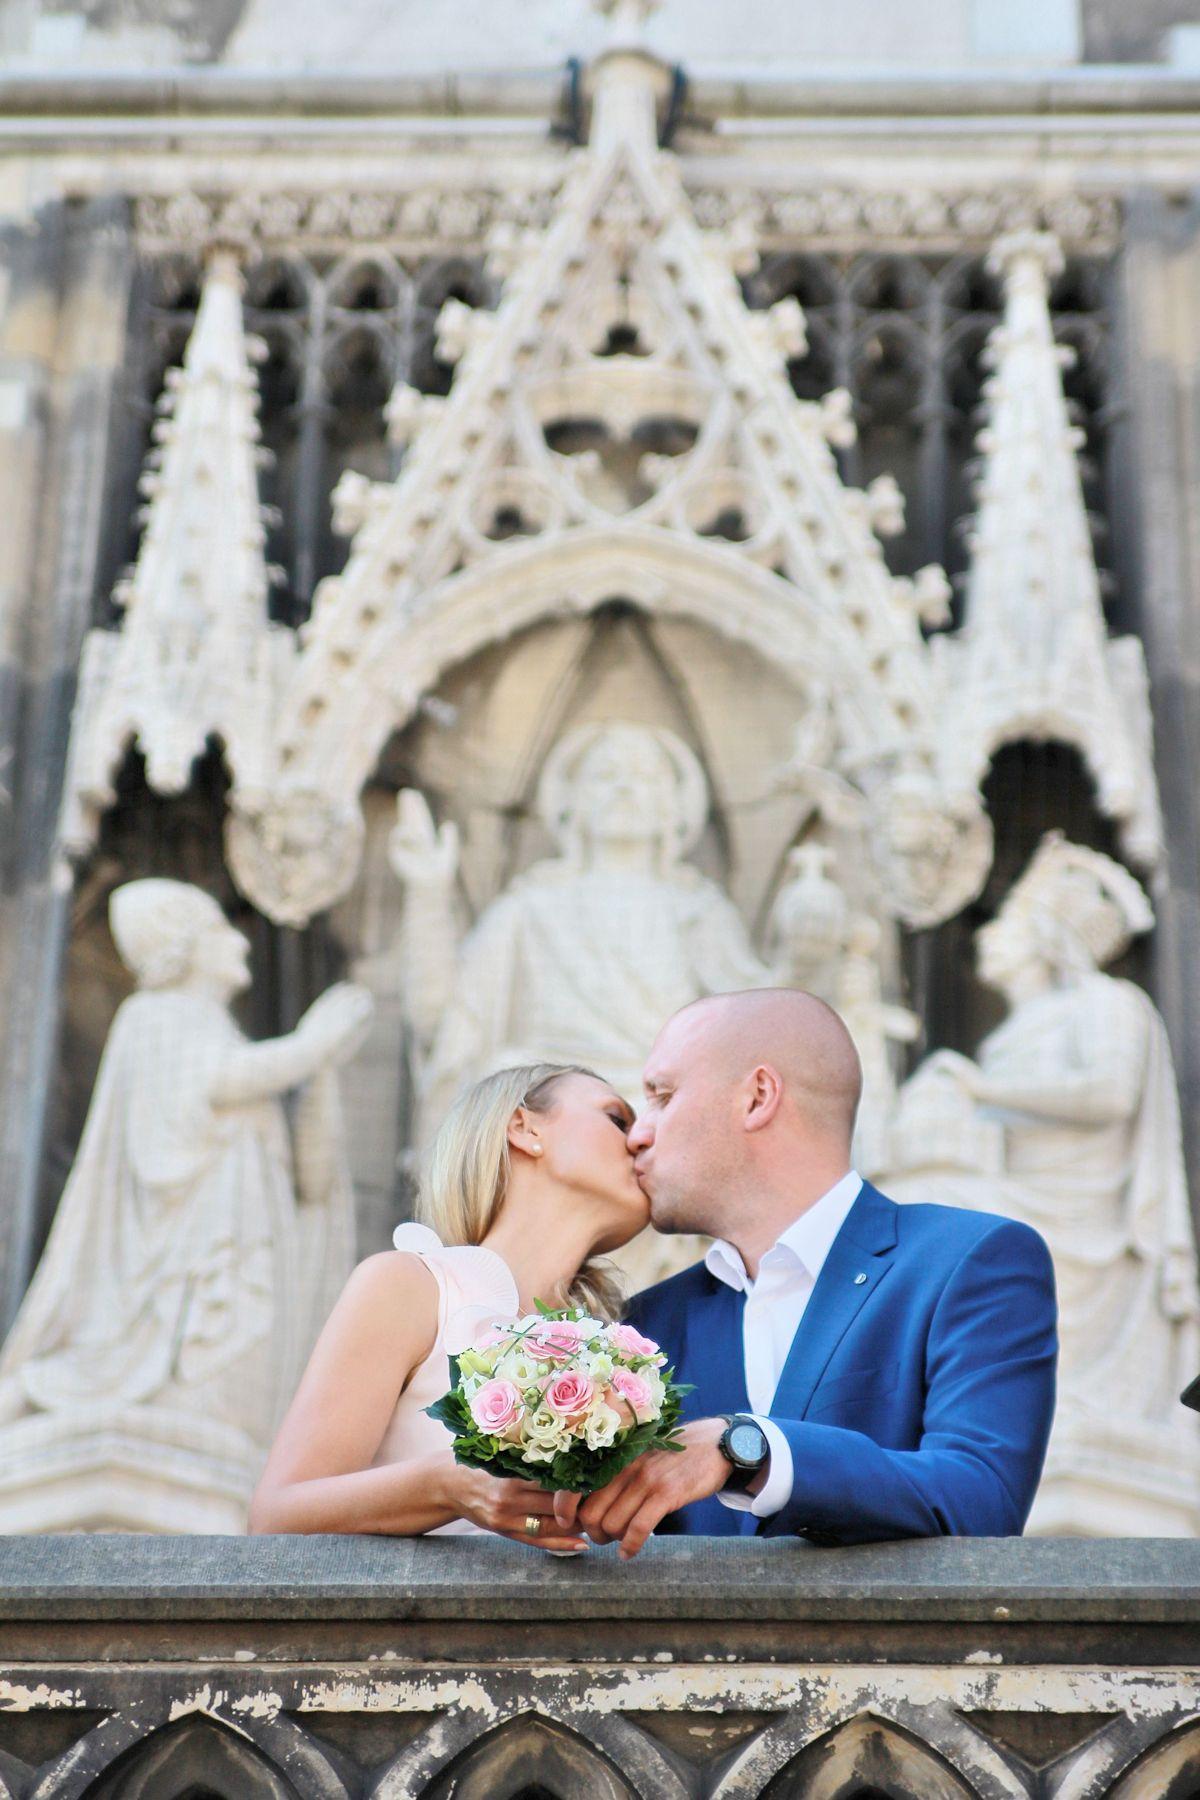 18a in Hochzeit von Dominika & Marcus